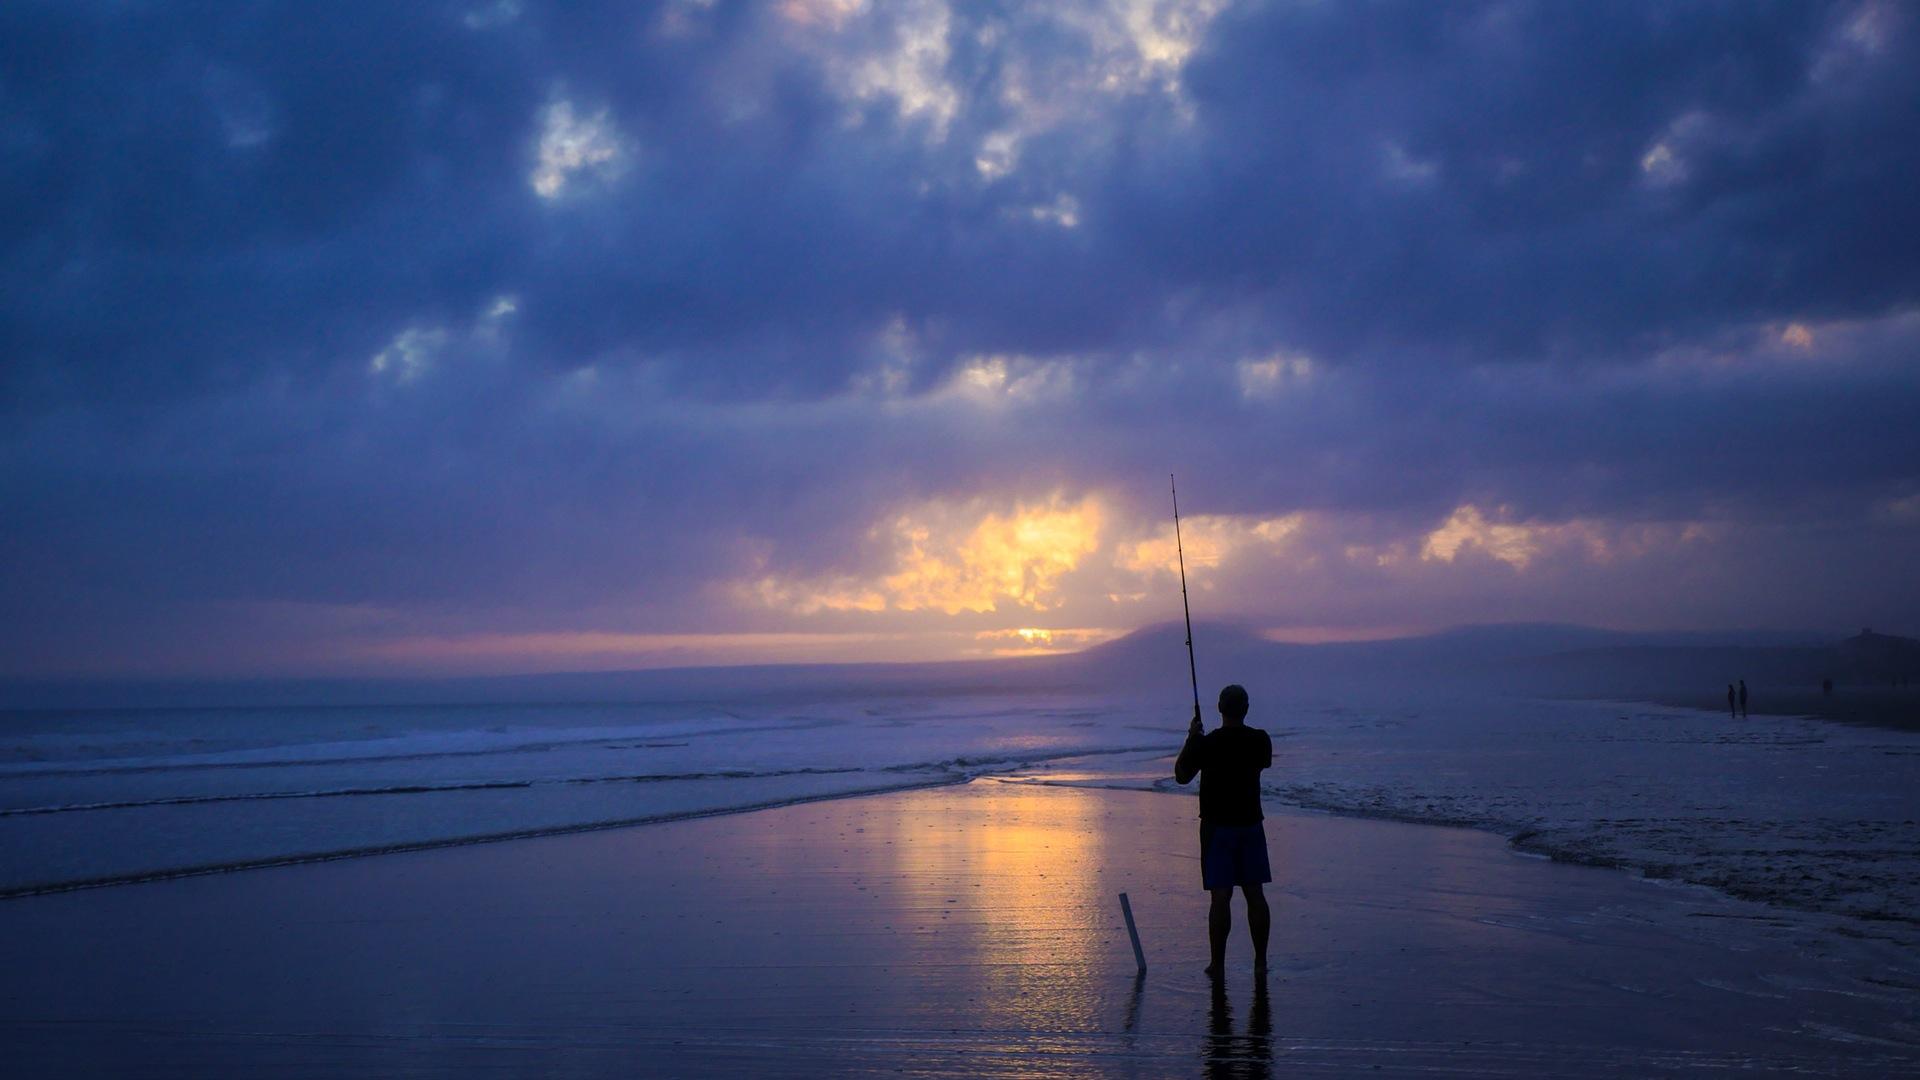 homme, pêche, Mer, Sky, nuages - Fonds d'écran HD - Professor-falken.com